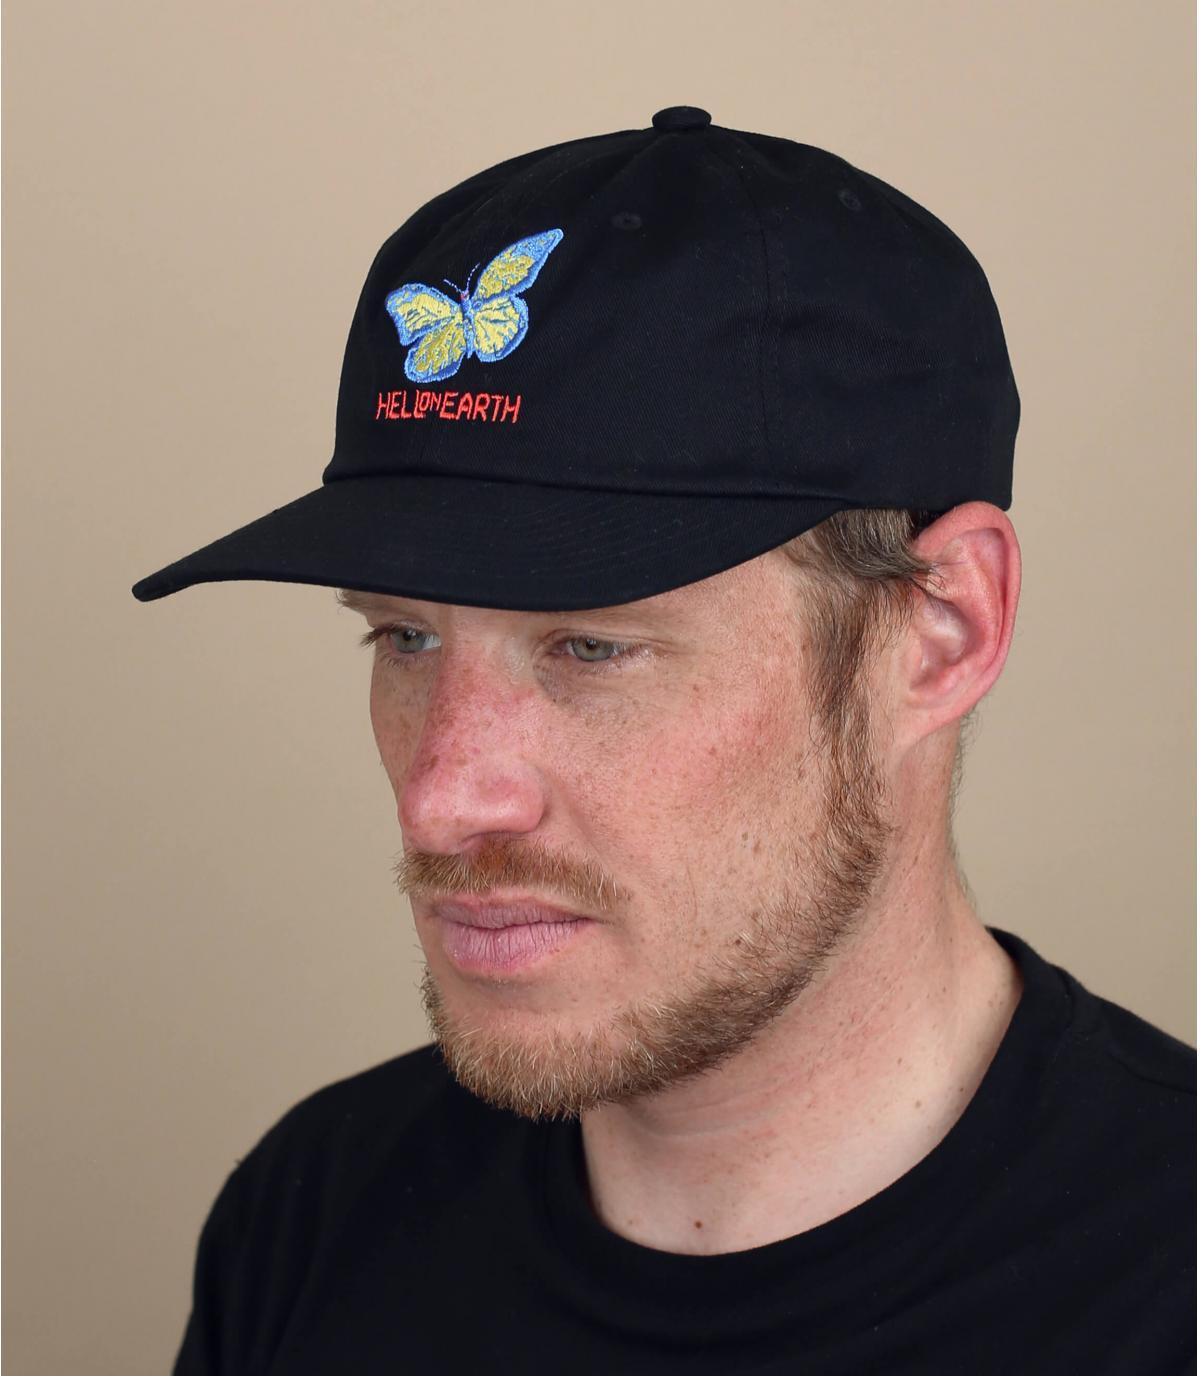 cappellino Obey farfalla nero